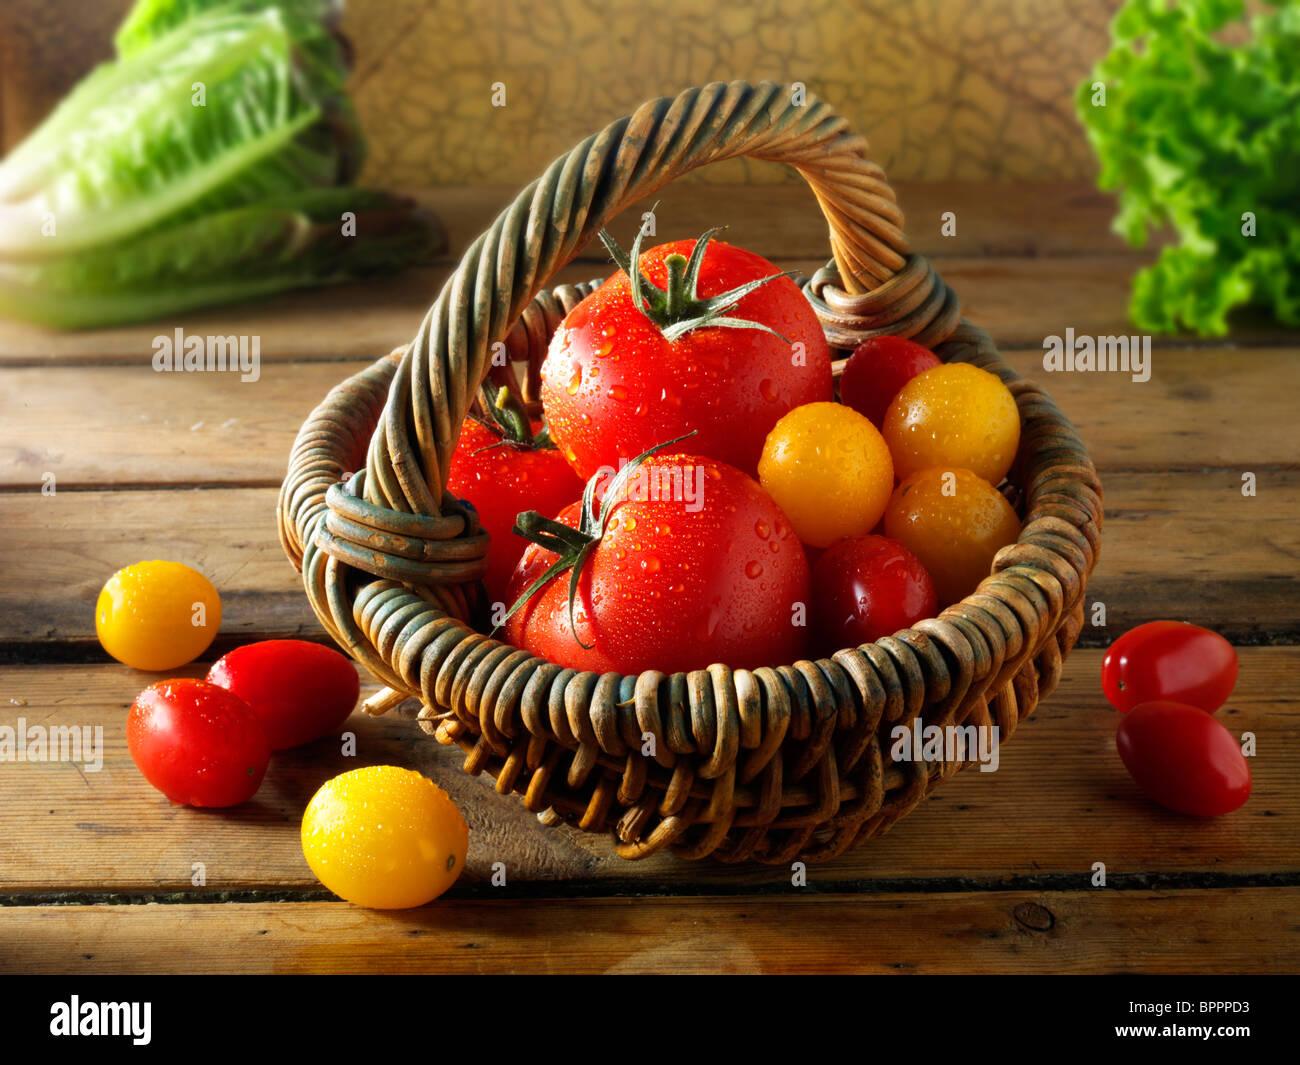 Pomodori misti foto, foto e immagini Immagini Stock